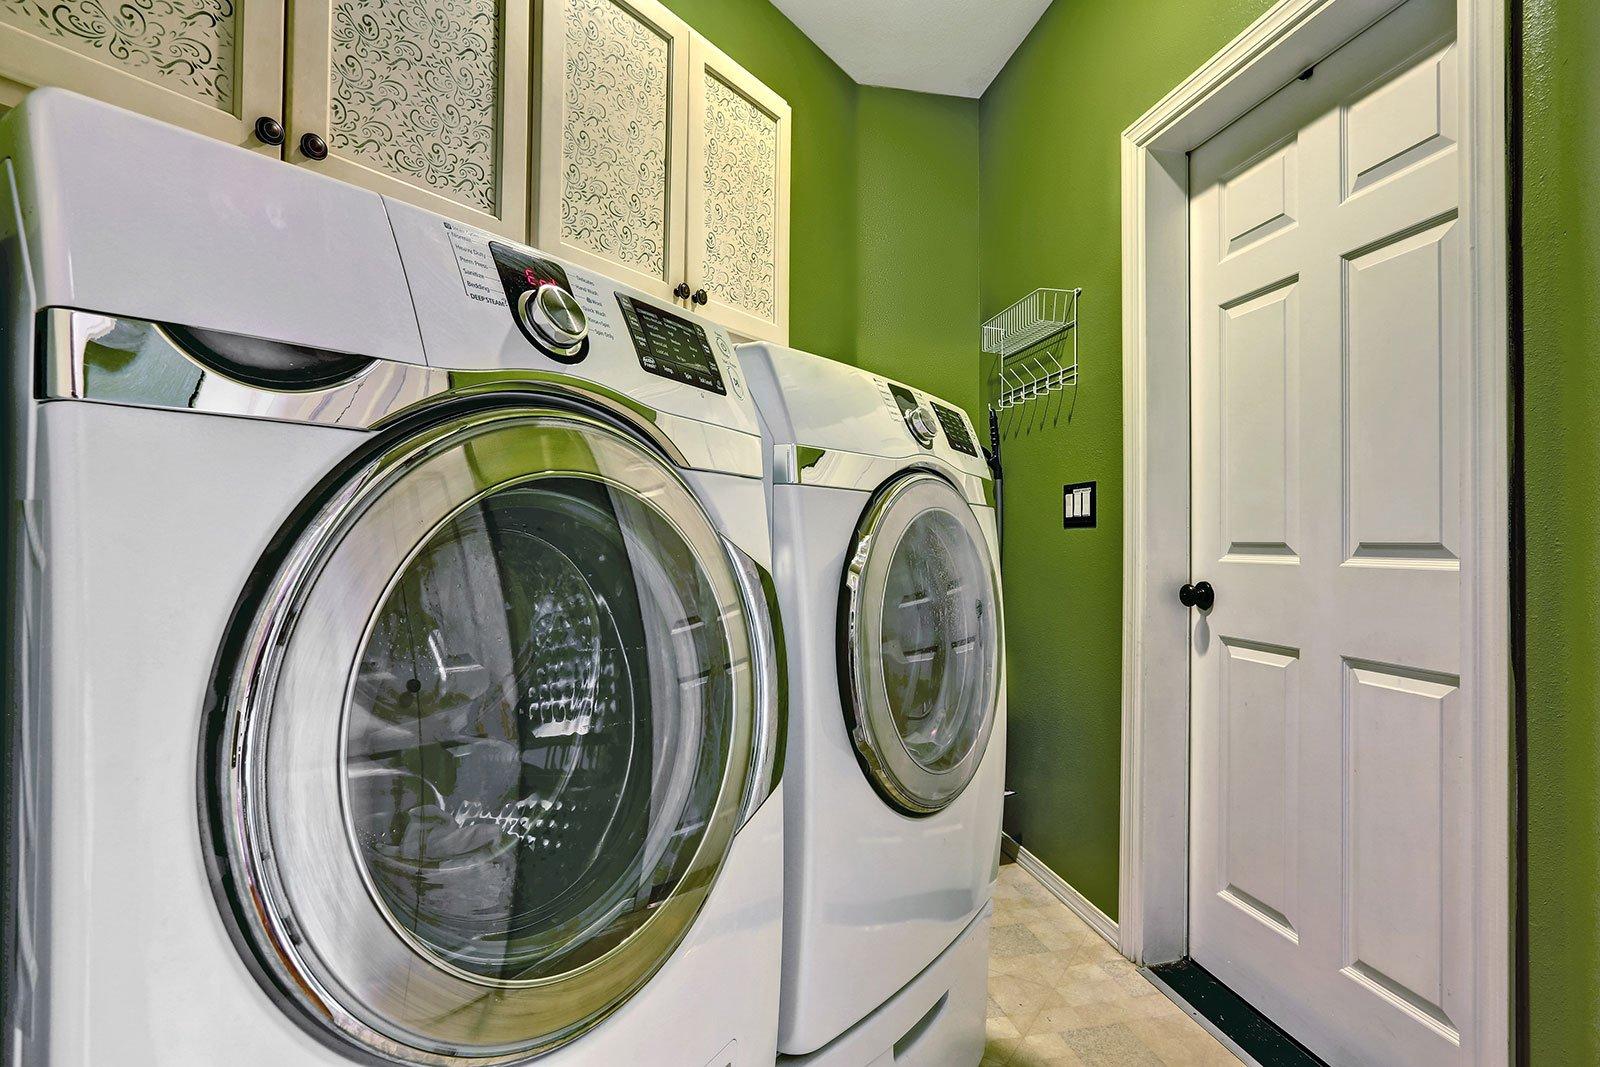 interni lavanderia con elettrodomestici moderni e armadi.